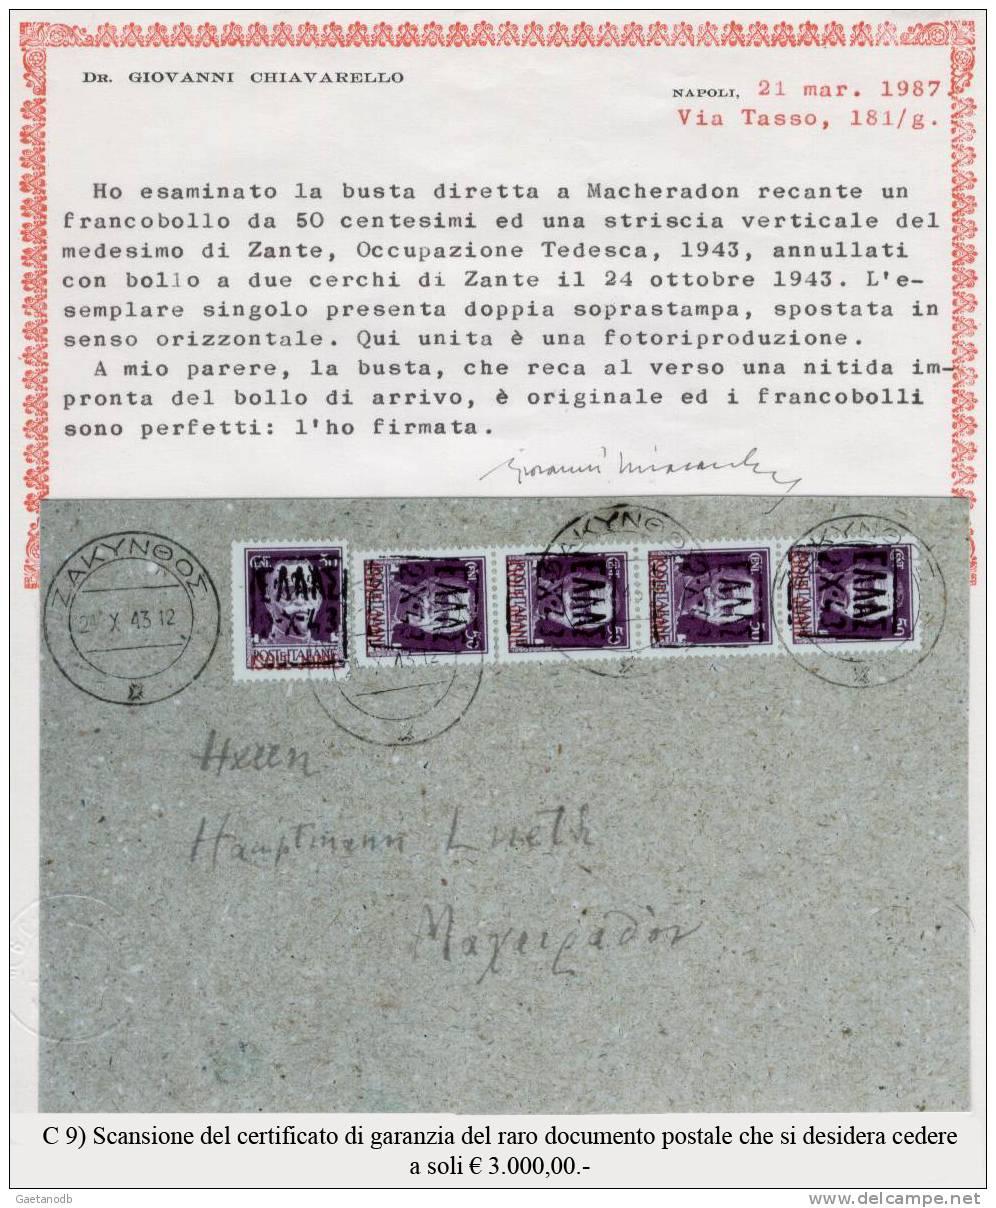 Grecia-Isole Ionie (Zante-occ.ted.)-9 - RARO DOCUMENTO POSTALE DEL 1943 - - Isole Ioniche